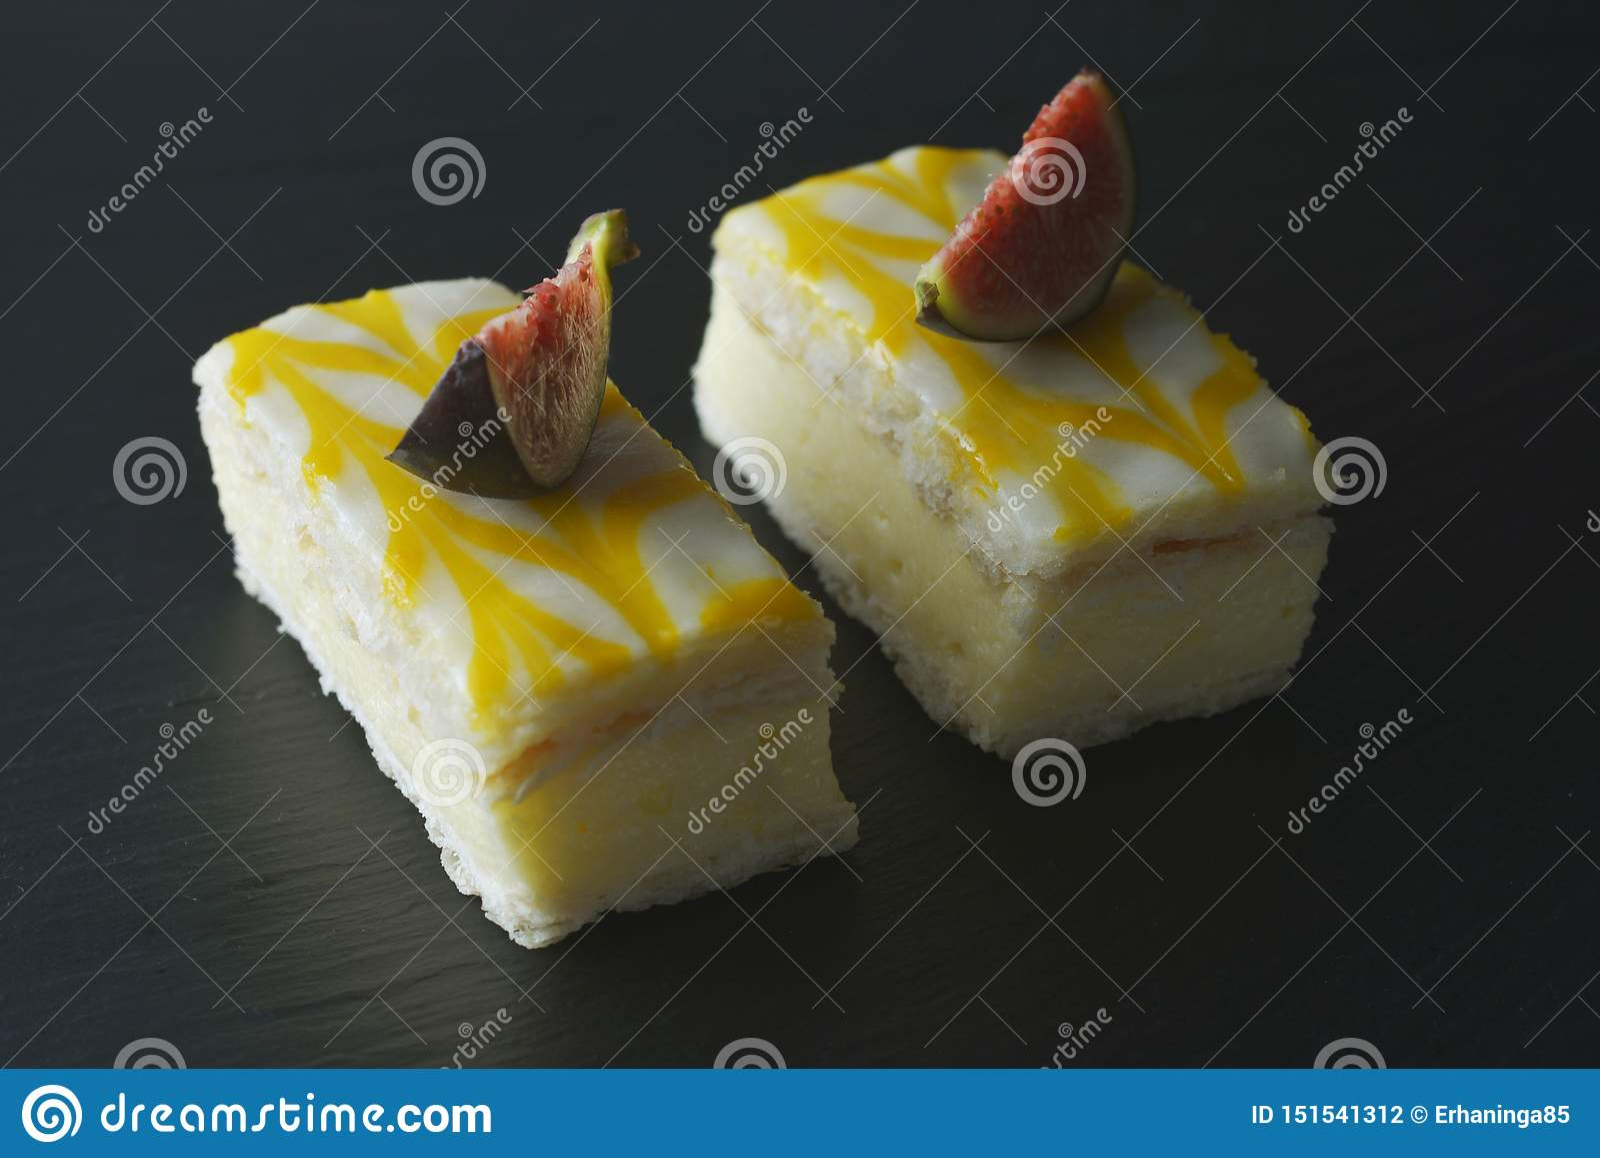 Torta de la llovizna del limón, postre de la torta de la corteza del limón sobre fondo negro